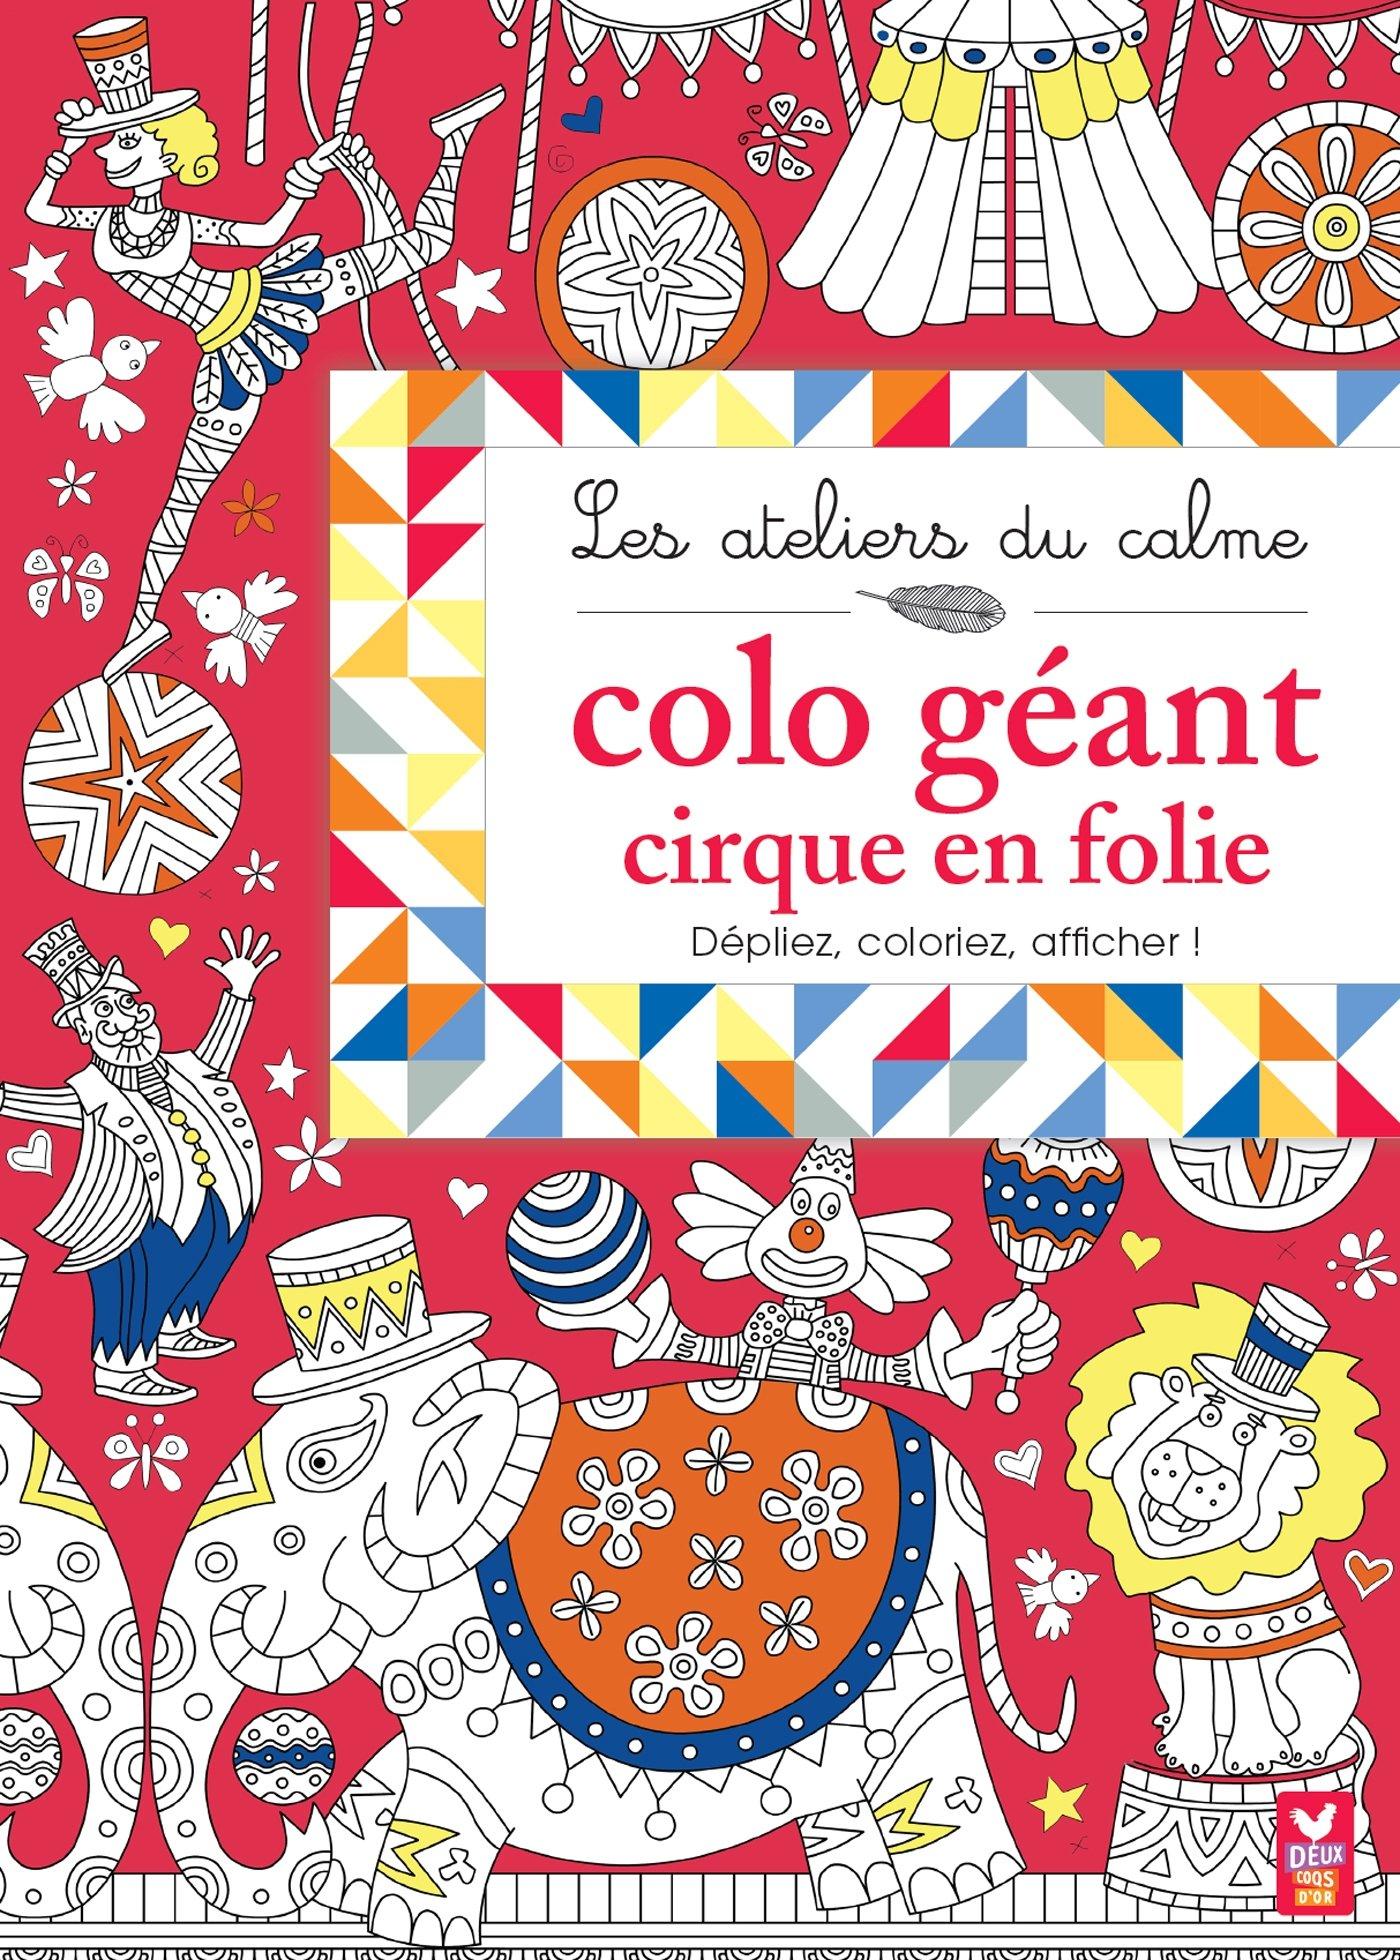 Coloriage Adulte Cirque.Amazon Fr Les Ateliers Du Calme Cirque En Folie Colo Geant